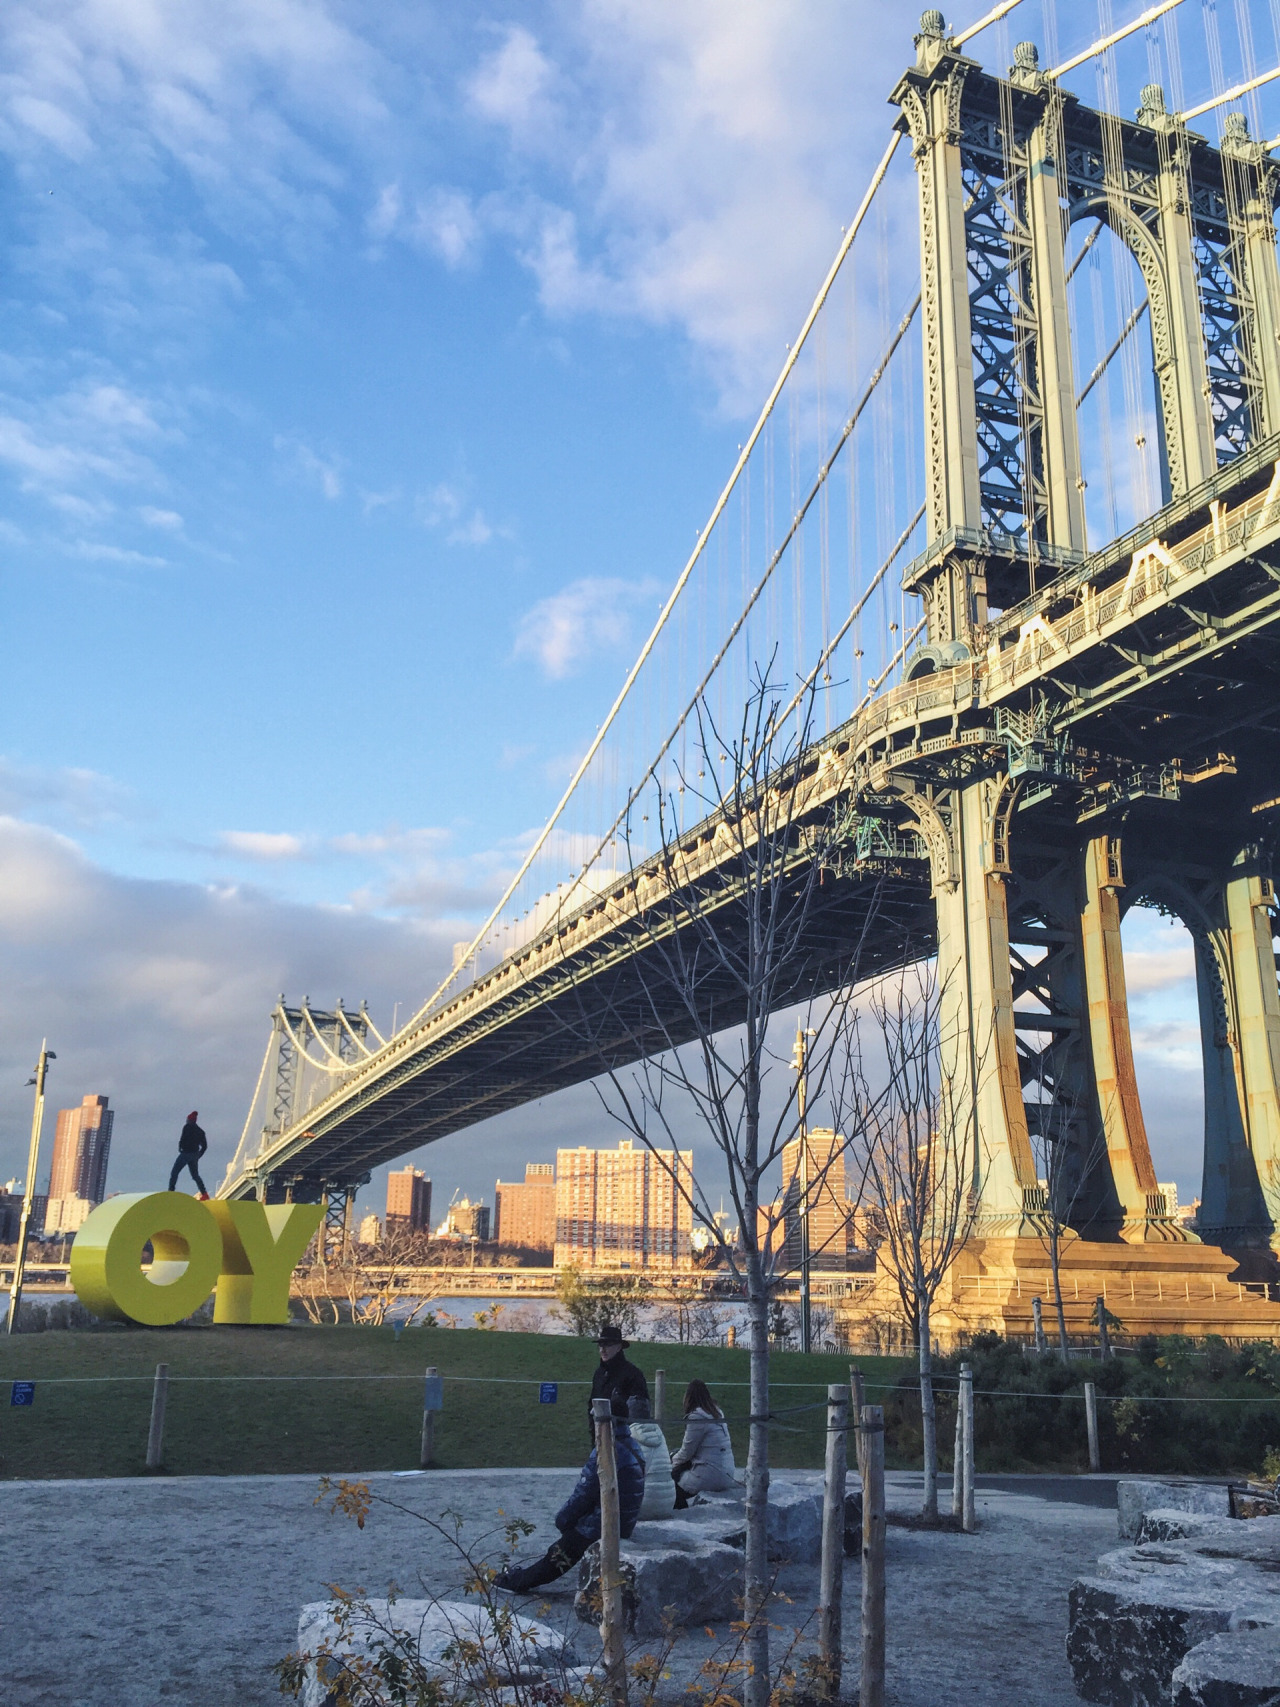 Oy Brooklyn!